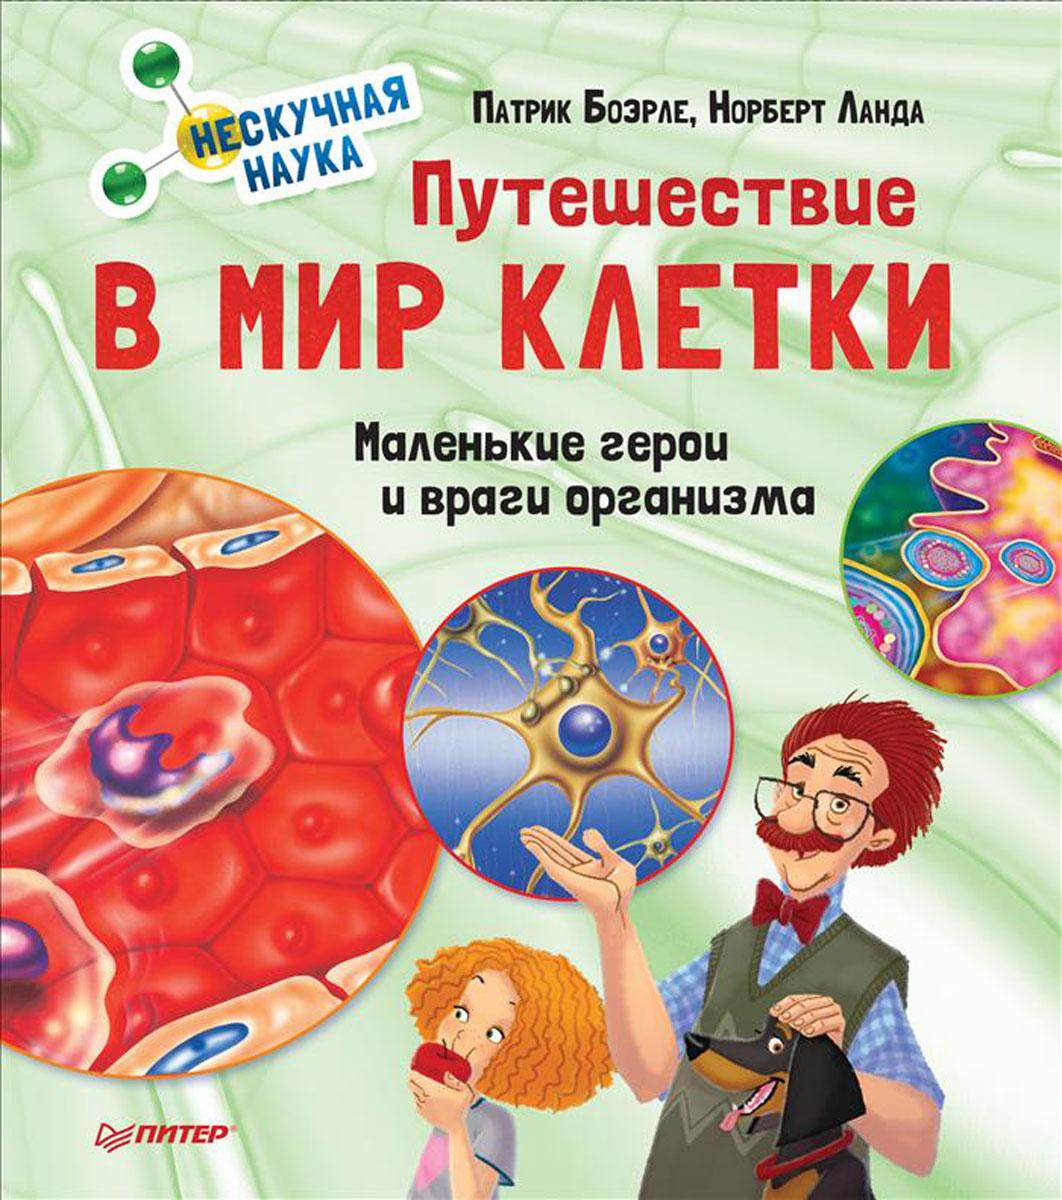 Патрик Боэрле, Норберт Ланда Путешествие в мир клетки. Нескучная наука